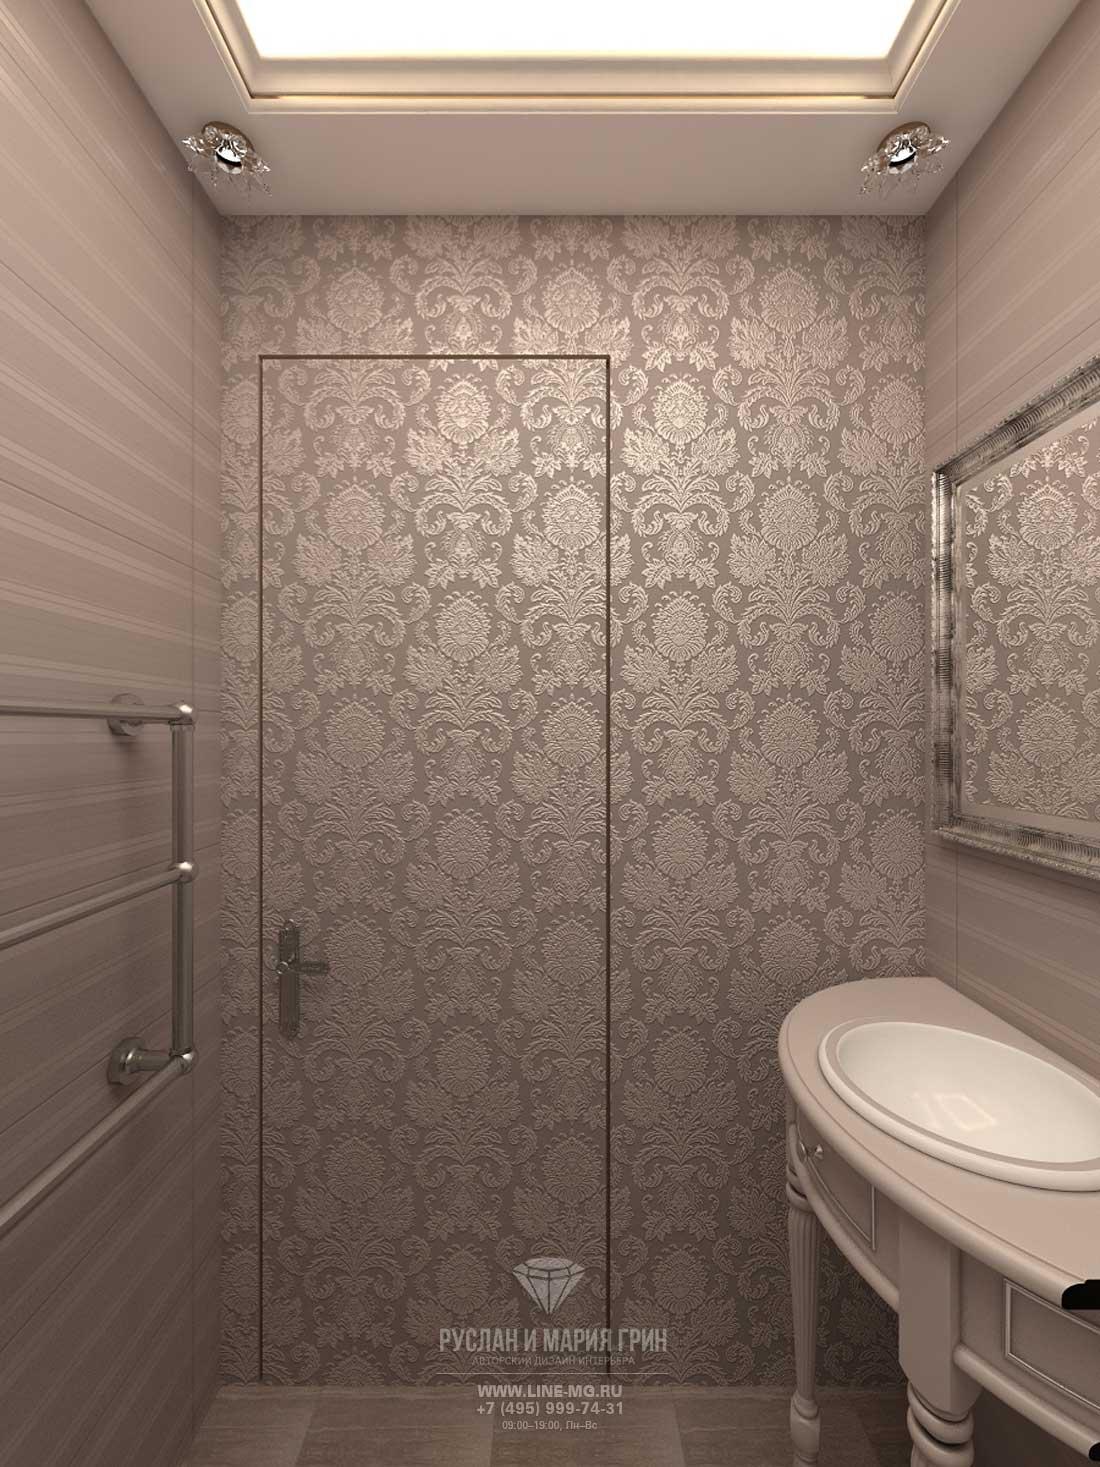 Дизайн санузла. Квартира в ЖК «Сколково Парк»